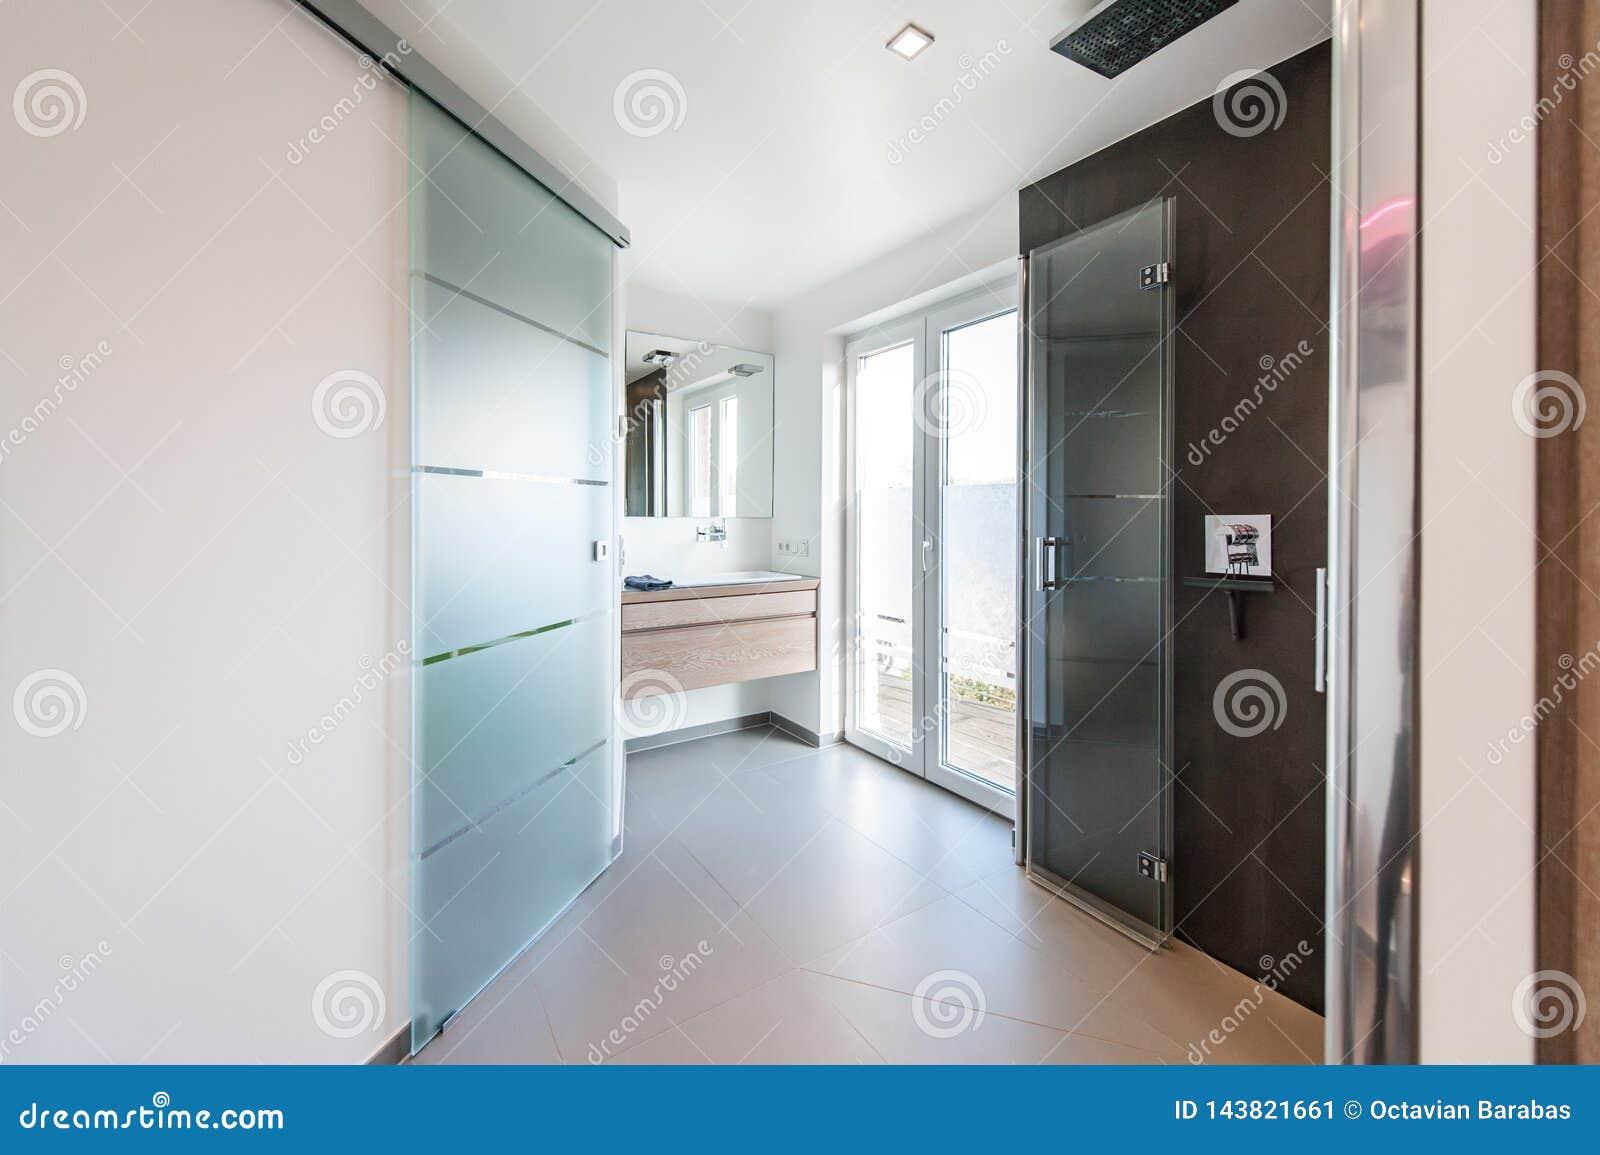 Modernes Badezimmer mit Glastüren und Duschkabine